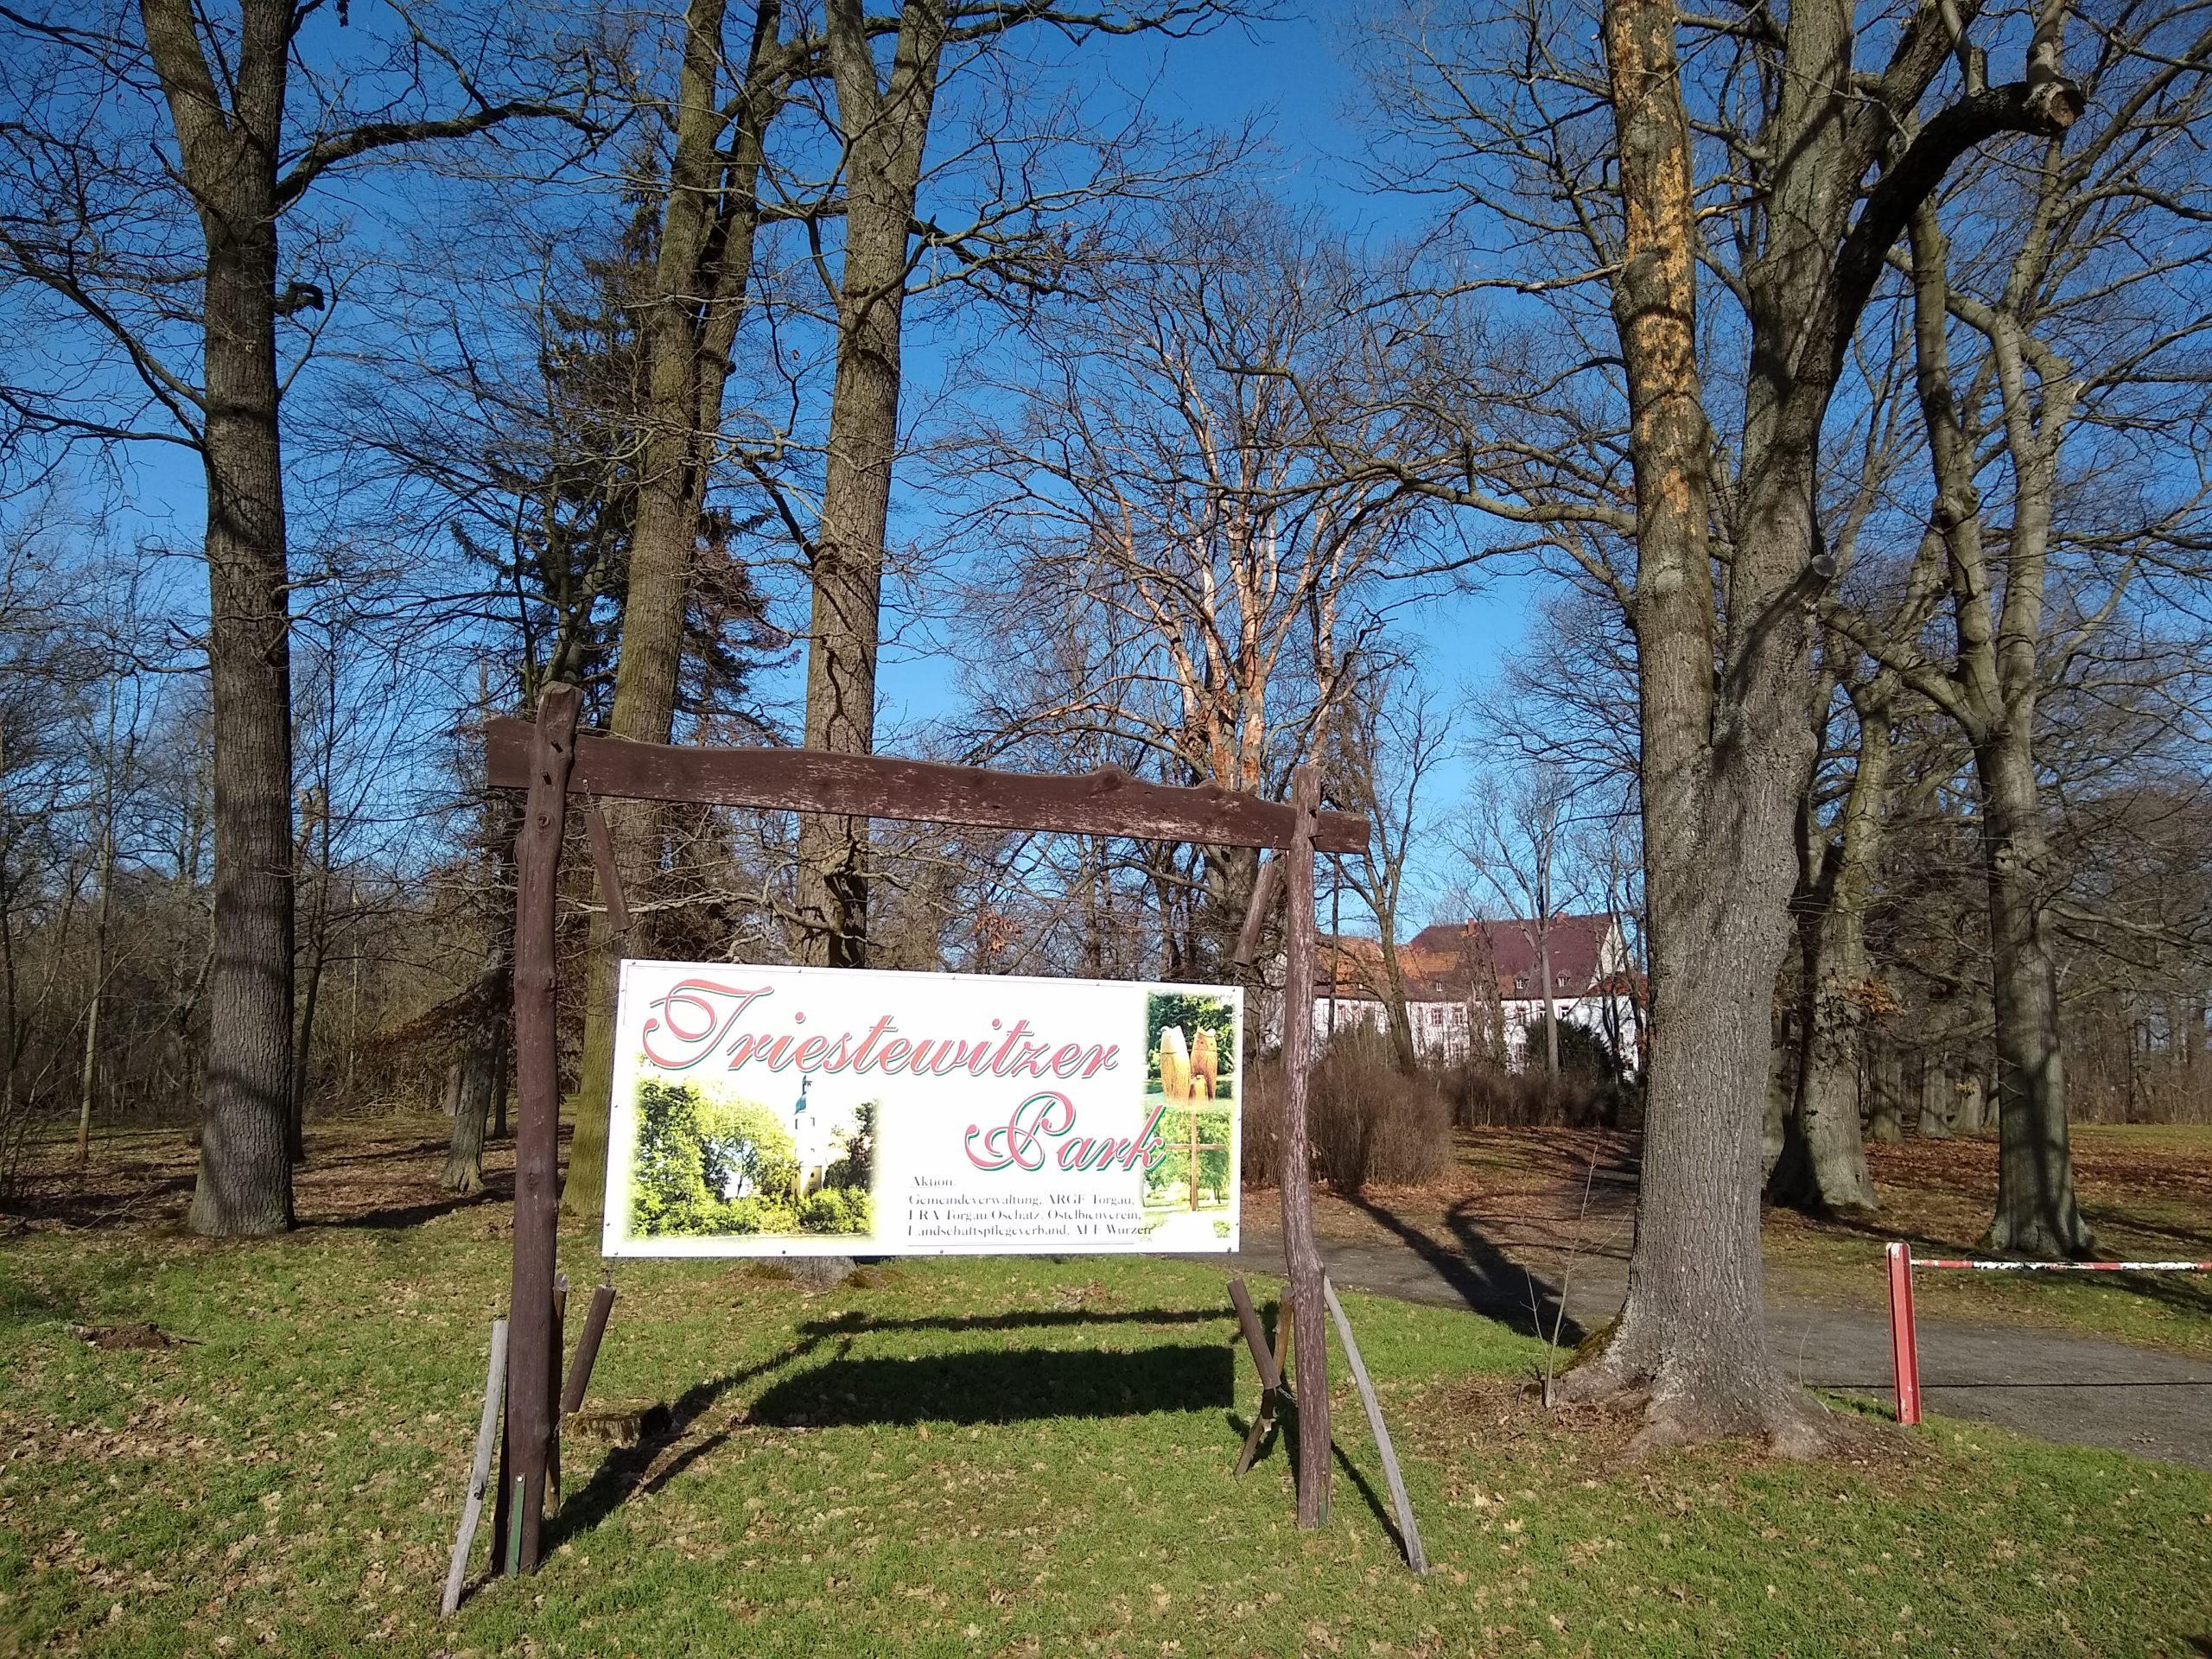 Unternehmens-Engagement Erlebnis Triestewitzer Park